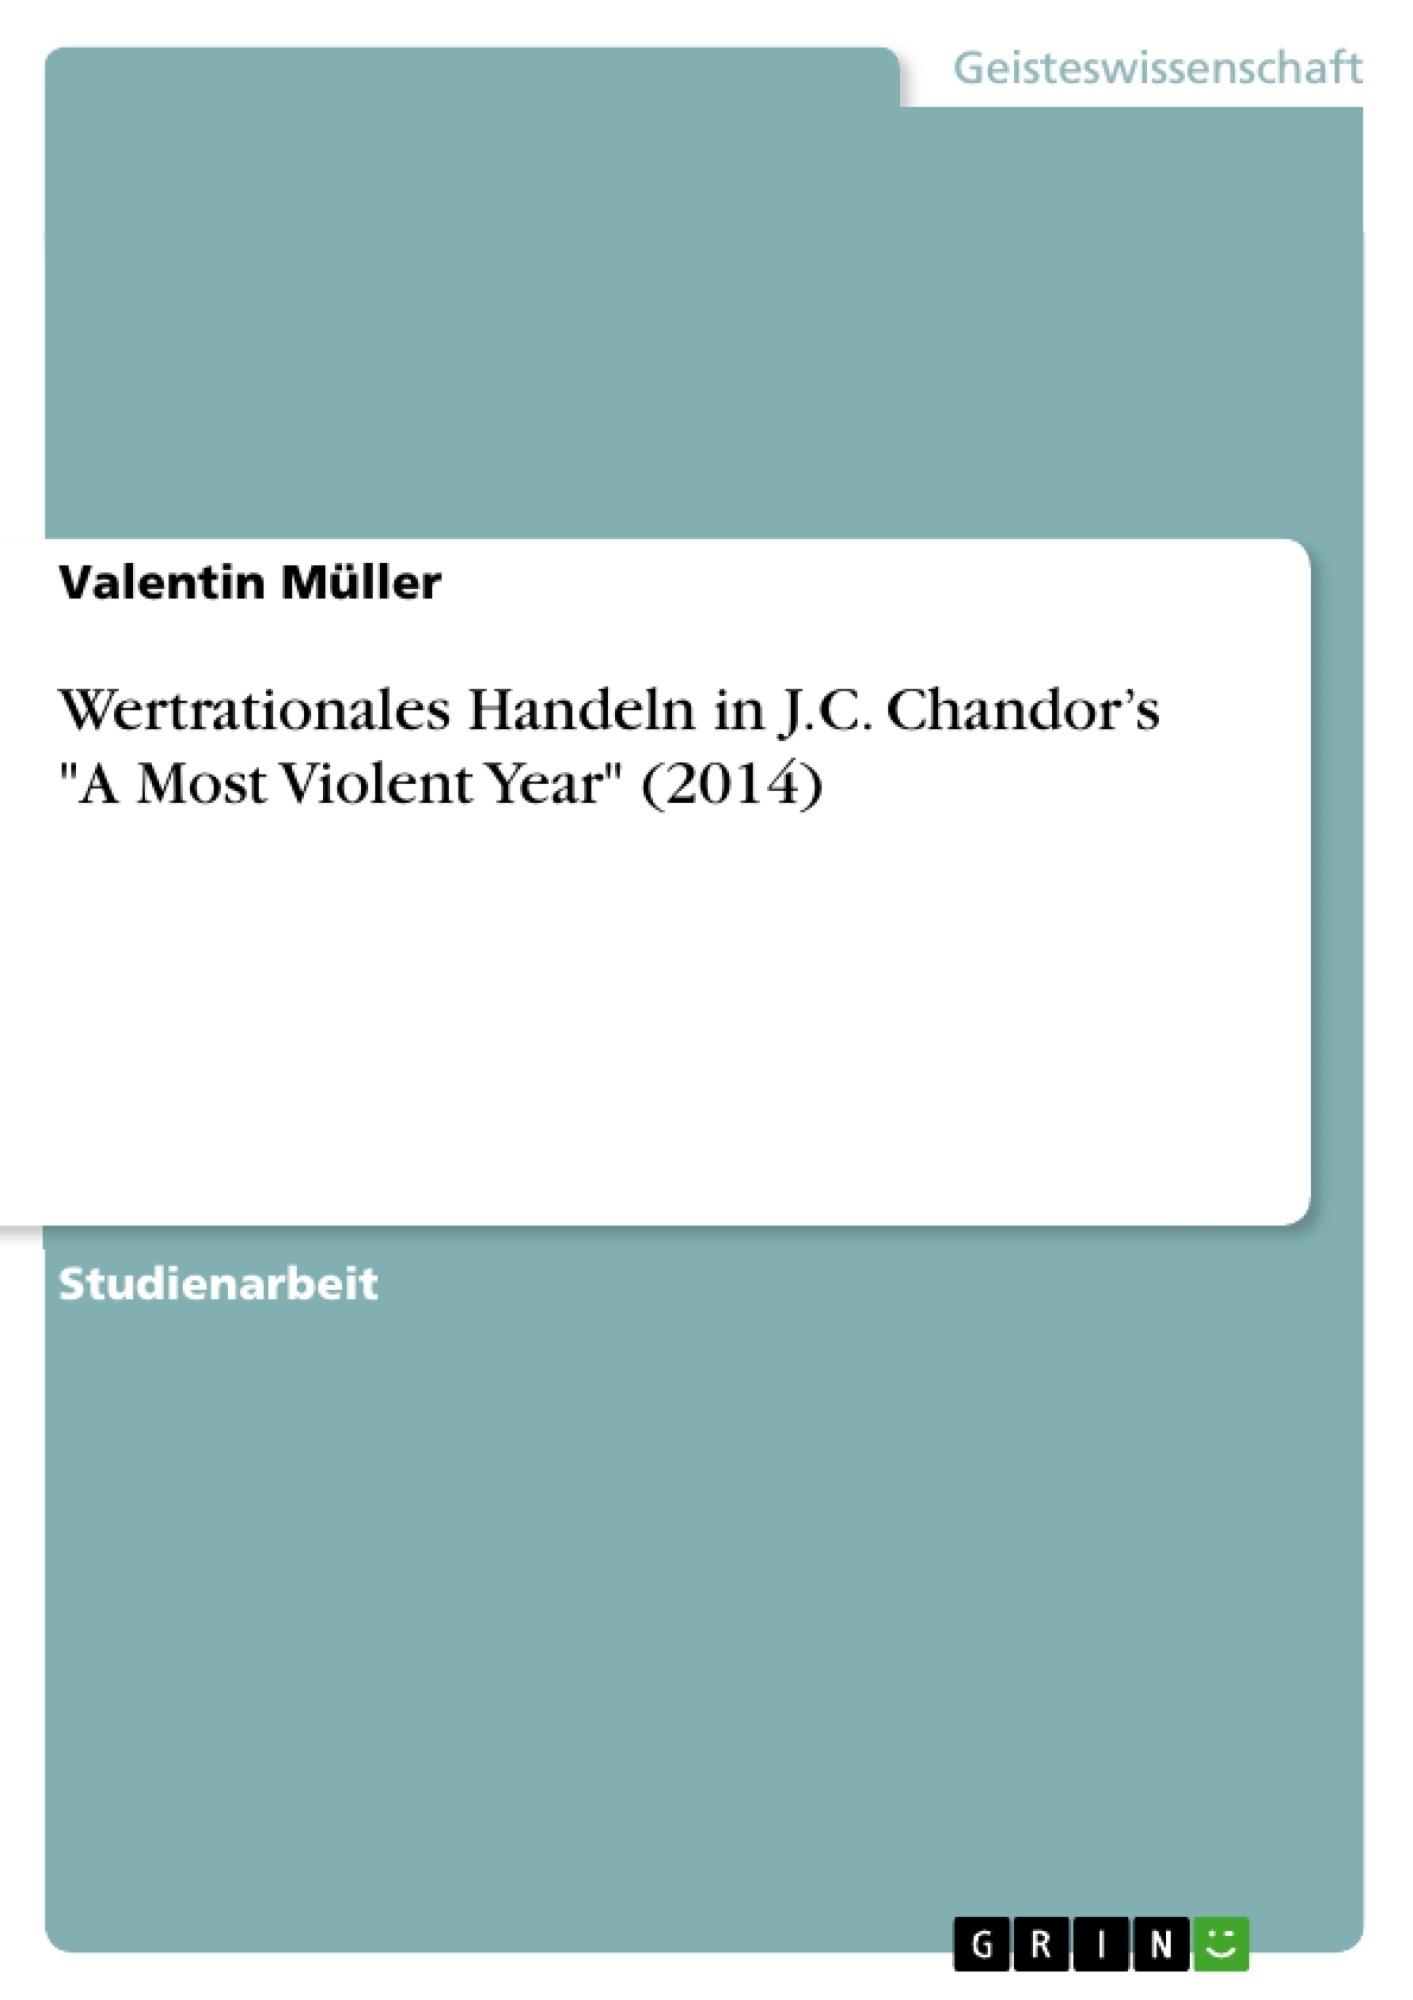 """Titel: Wertrationales Handeln in J.C. Chandor's """"A Most Violent Year"""" (2014)"""